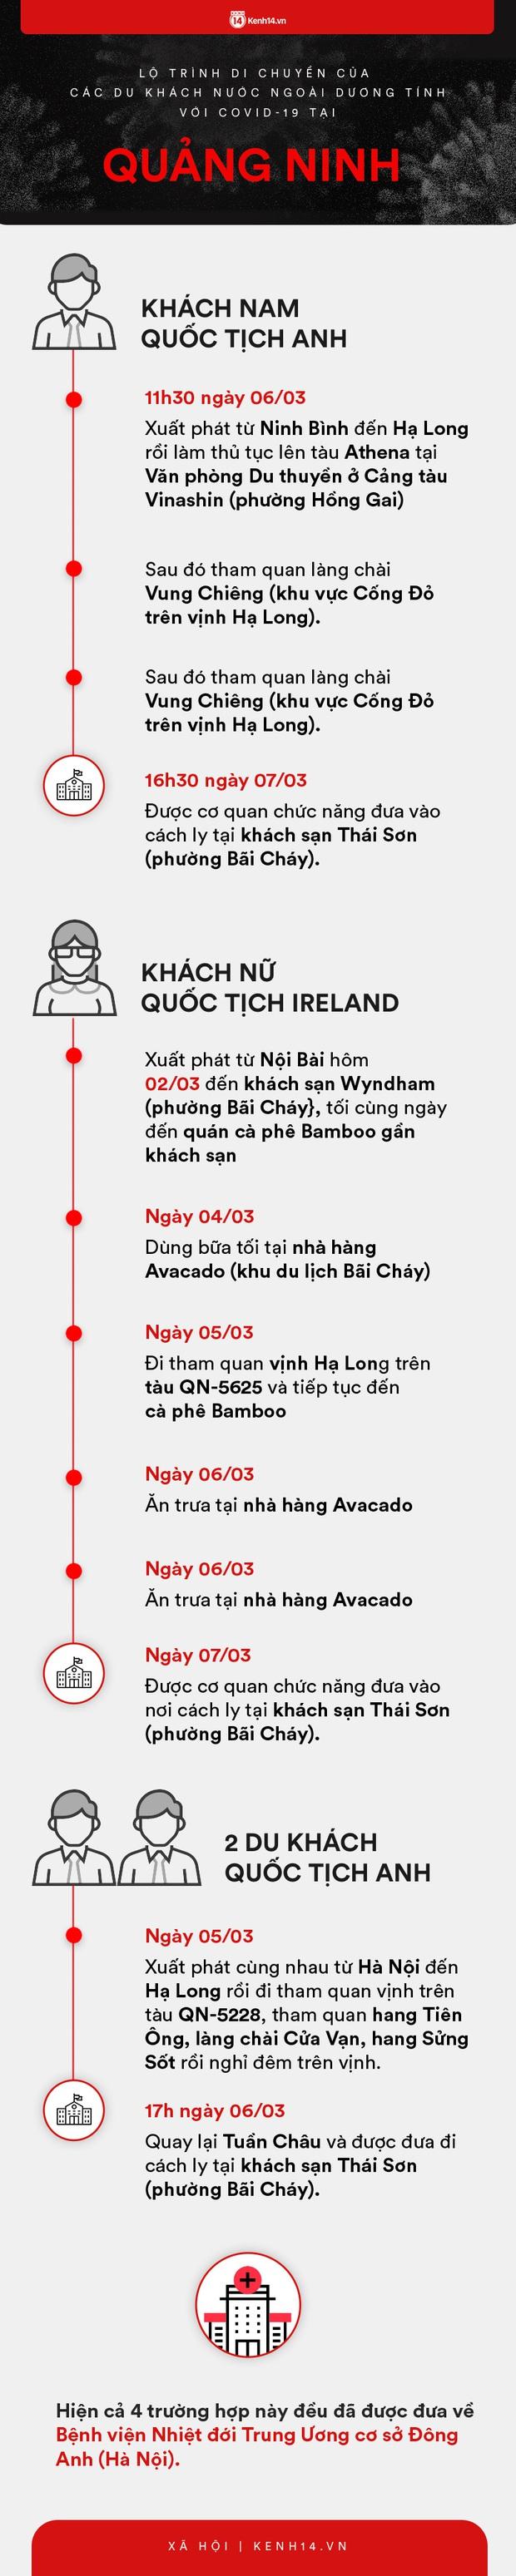 Infographic: Lộ trình di chuyển của 9 người nước ngoài trên chuyến bay VN0054 dương tính với COVID-19 tại Việt Nam - Ảnh 2.